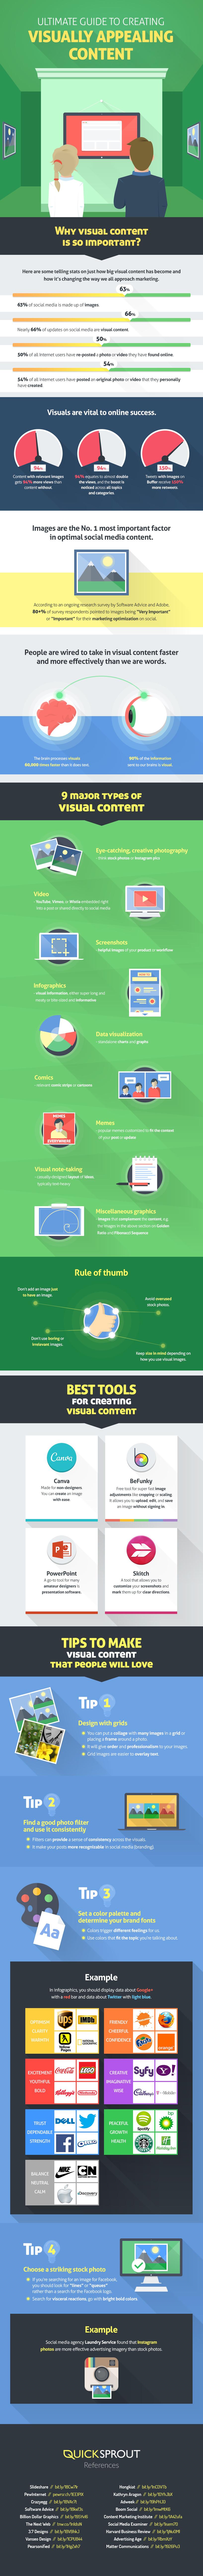 Guía para crear contenido visual  Guia-de-creacion-de-contenidos-con-infografia